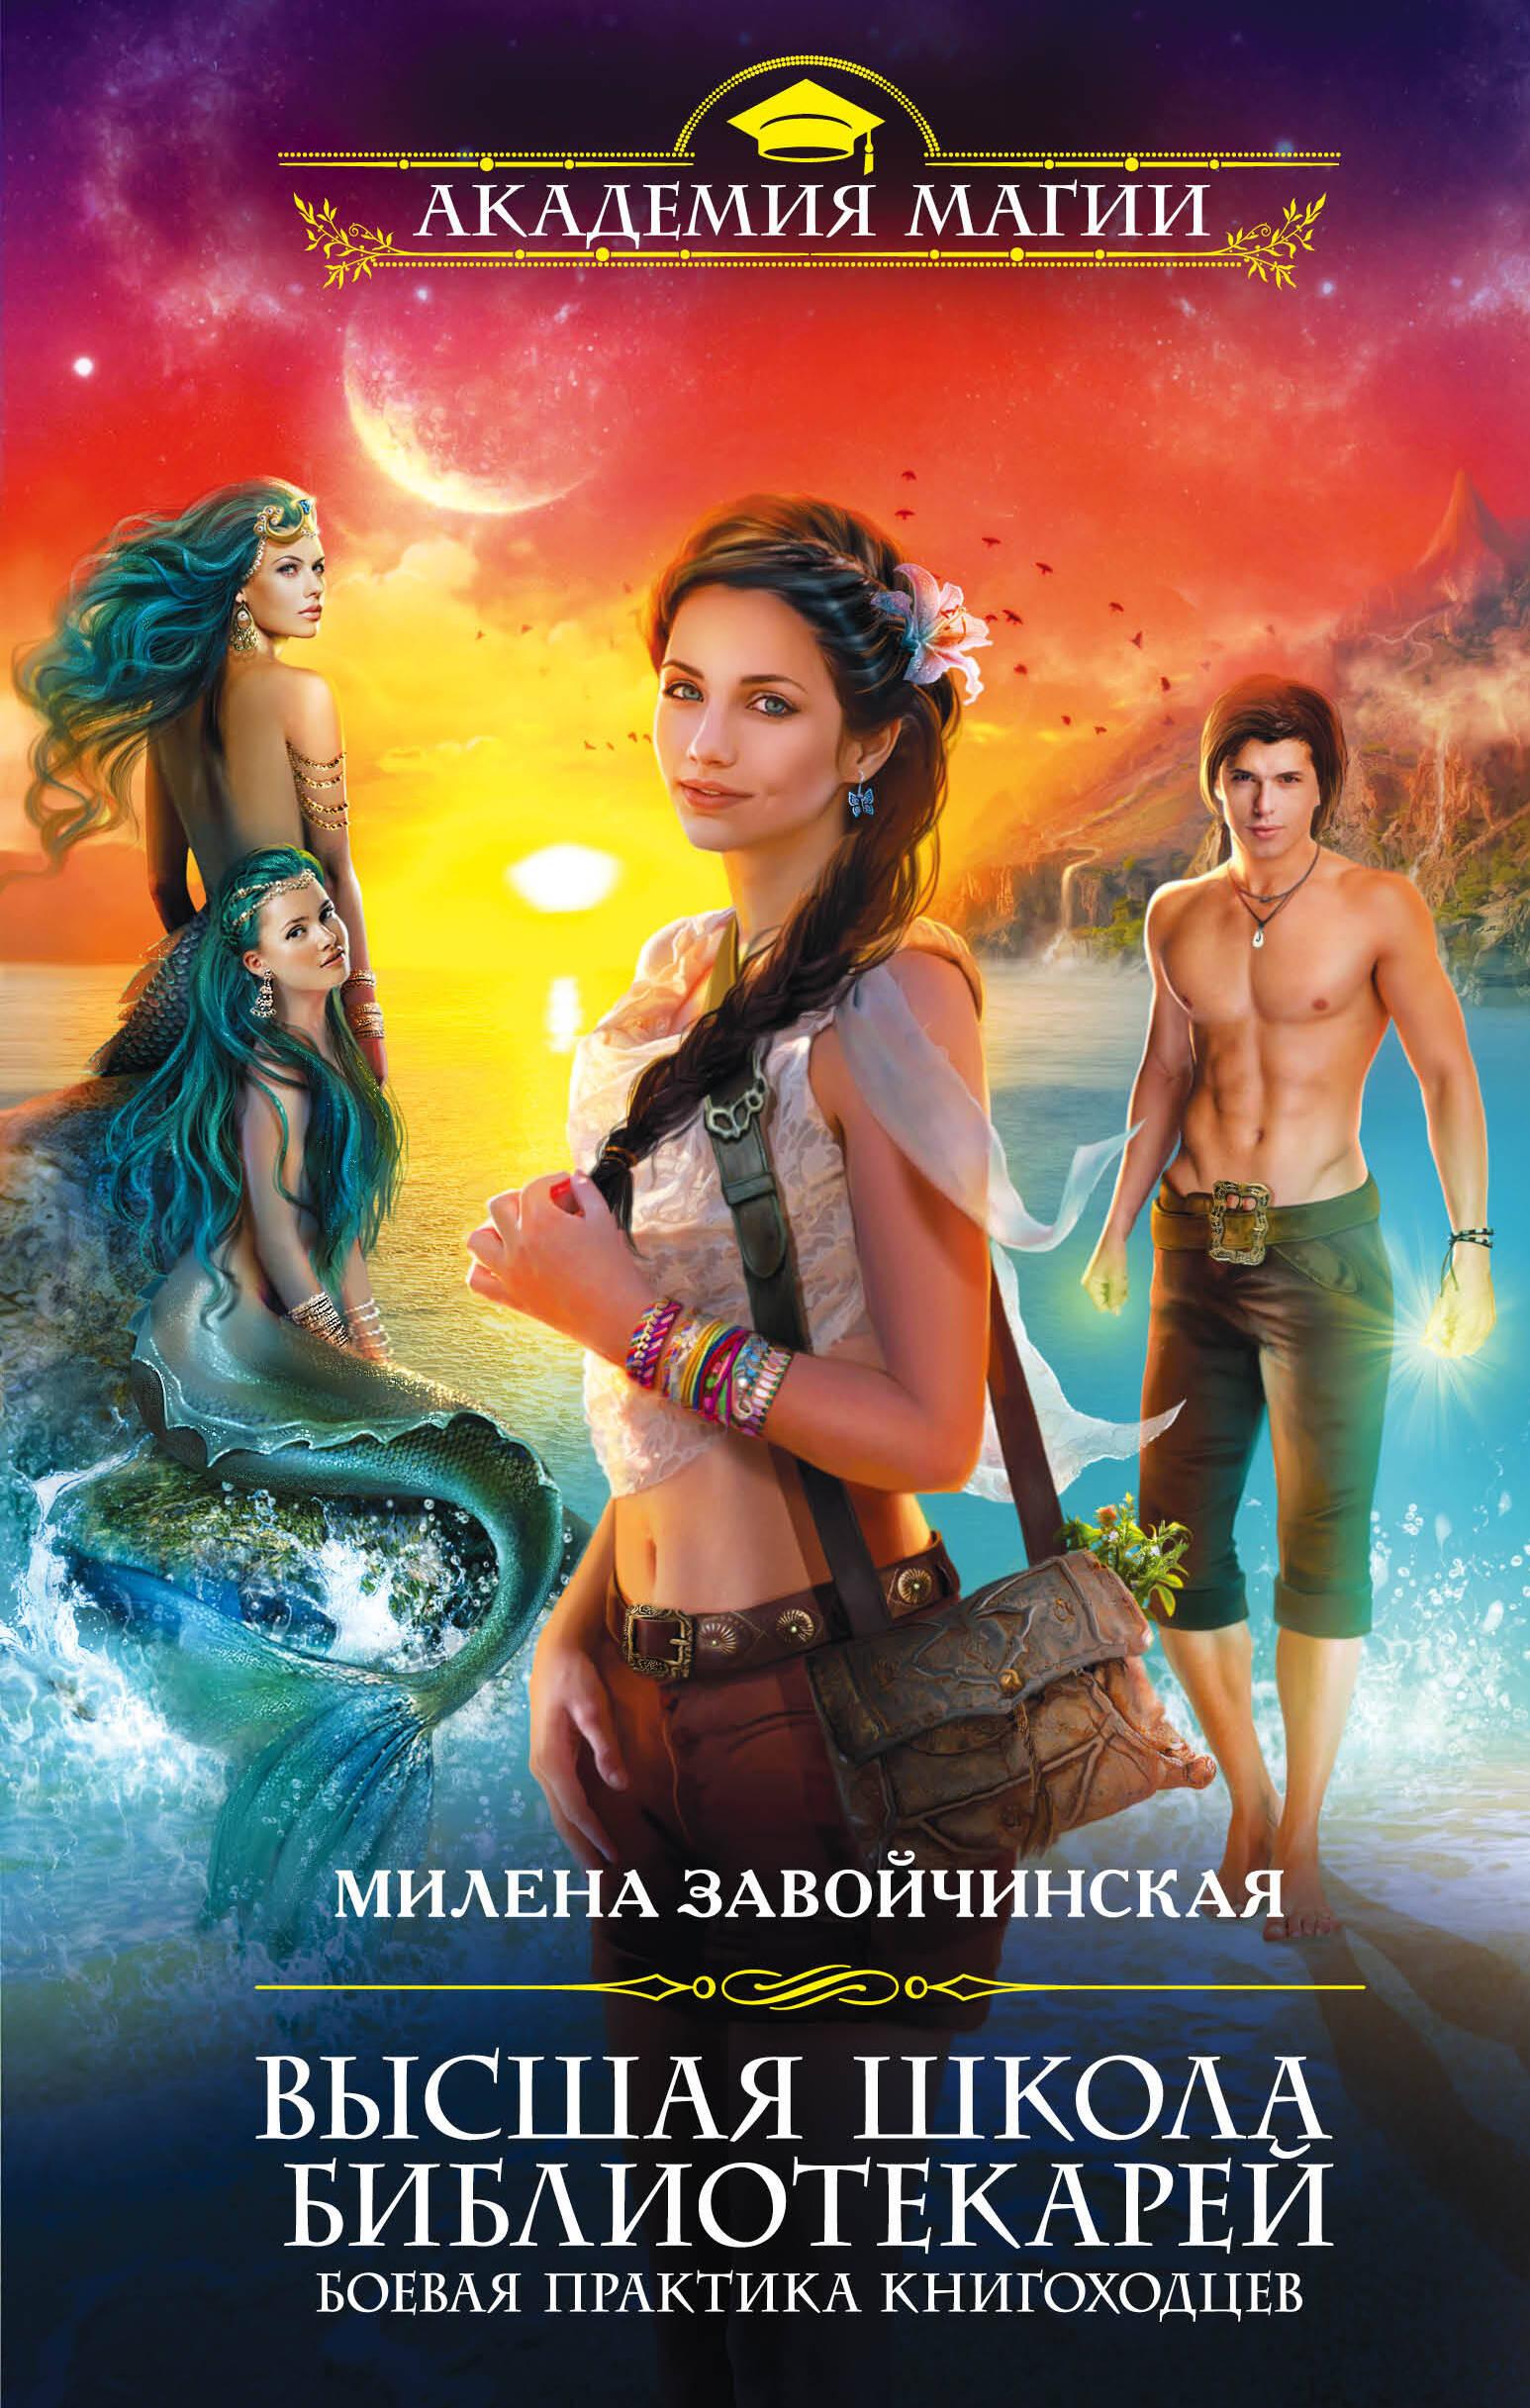 Милена Завойчинская, Алета – читать онлайн бесплатно в хорошем качестве,